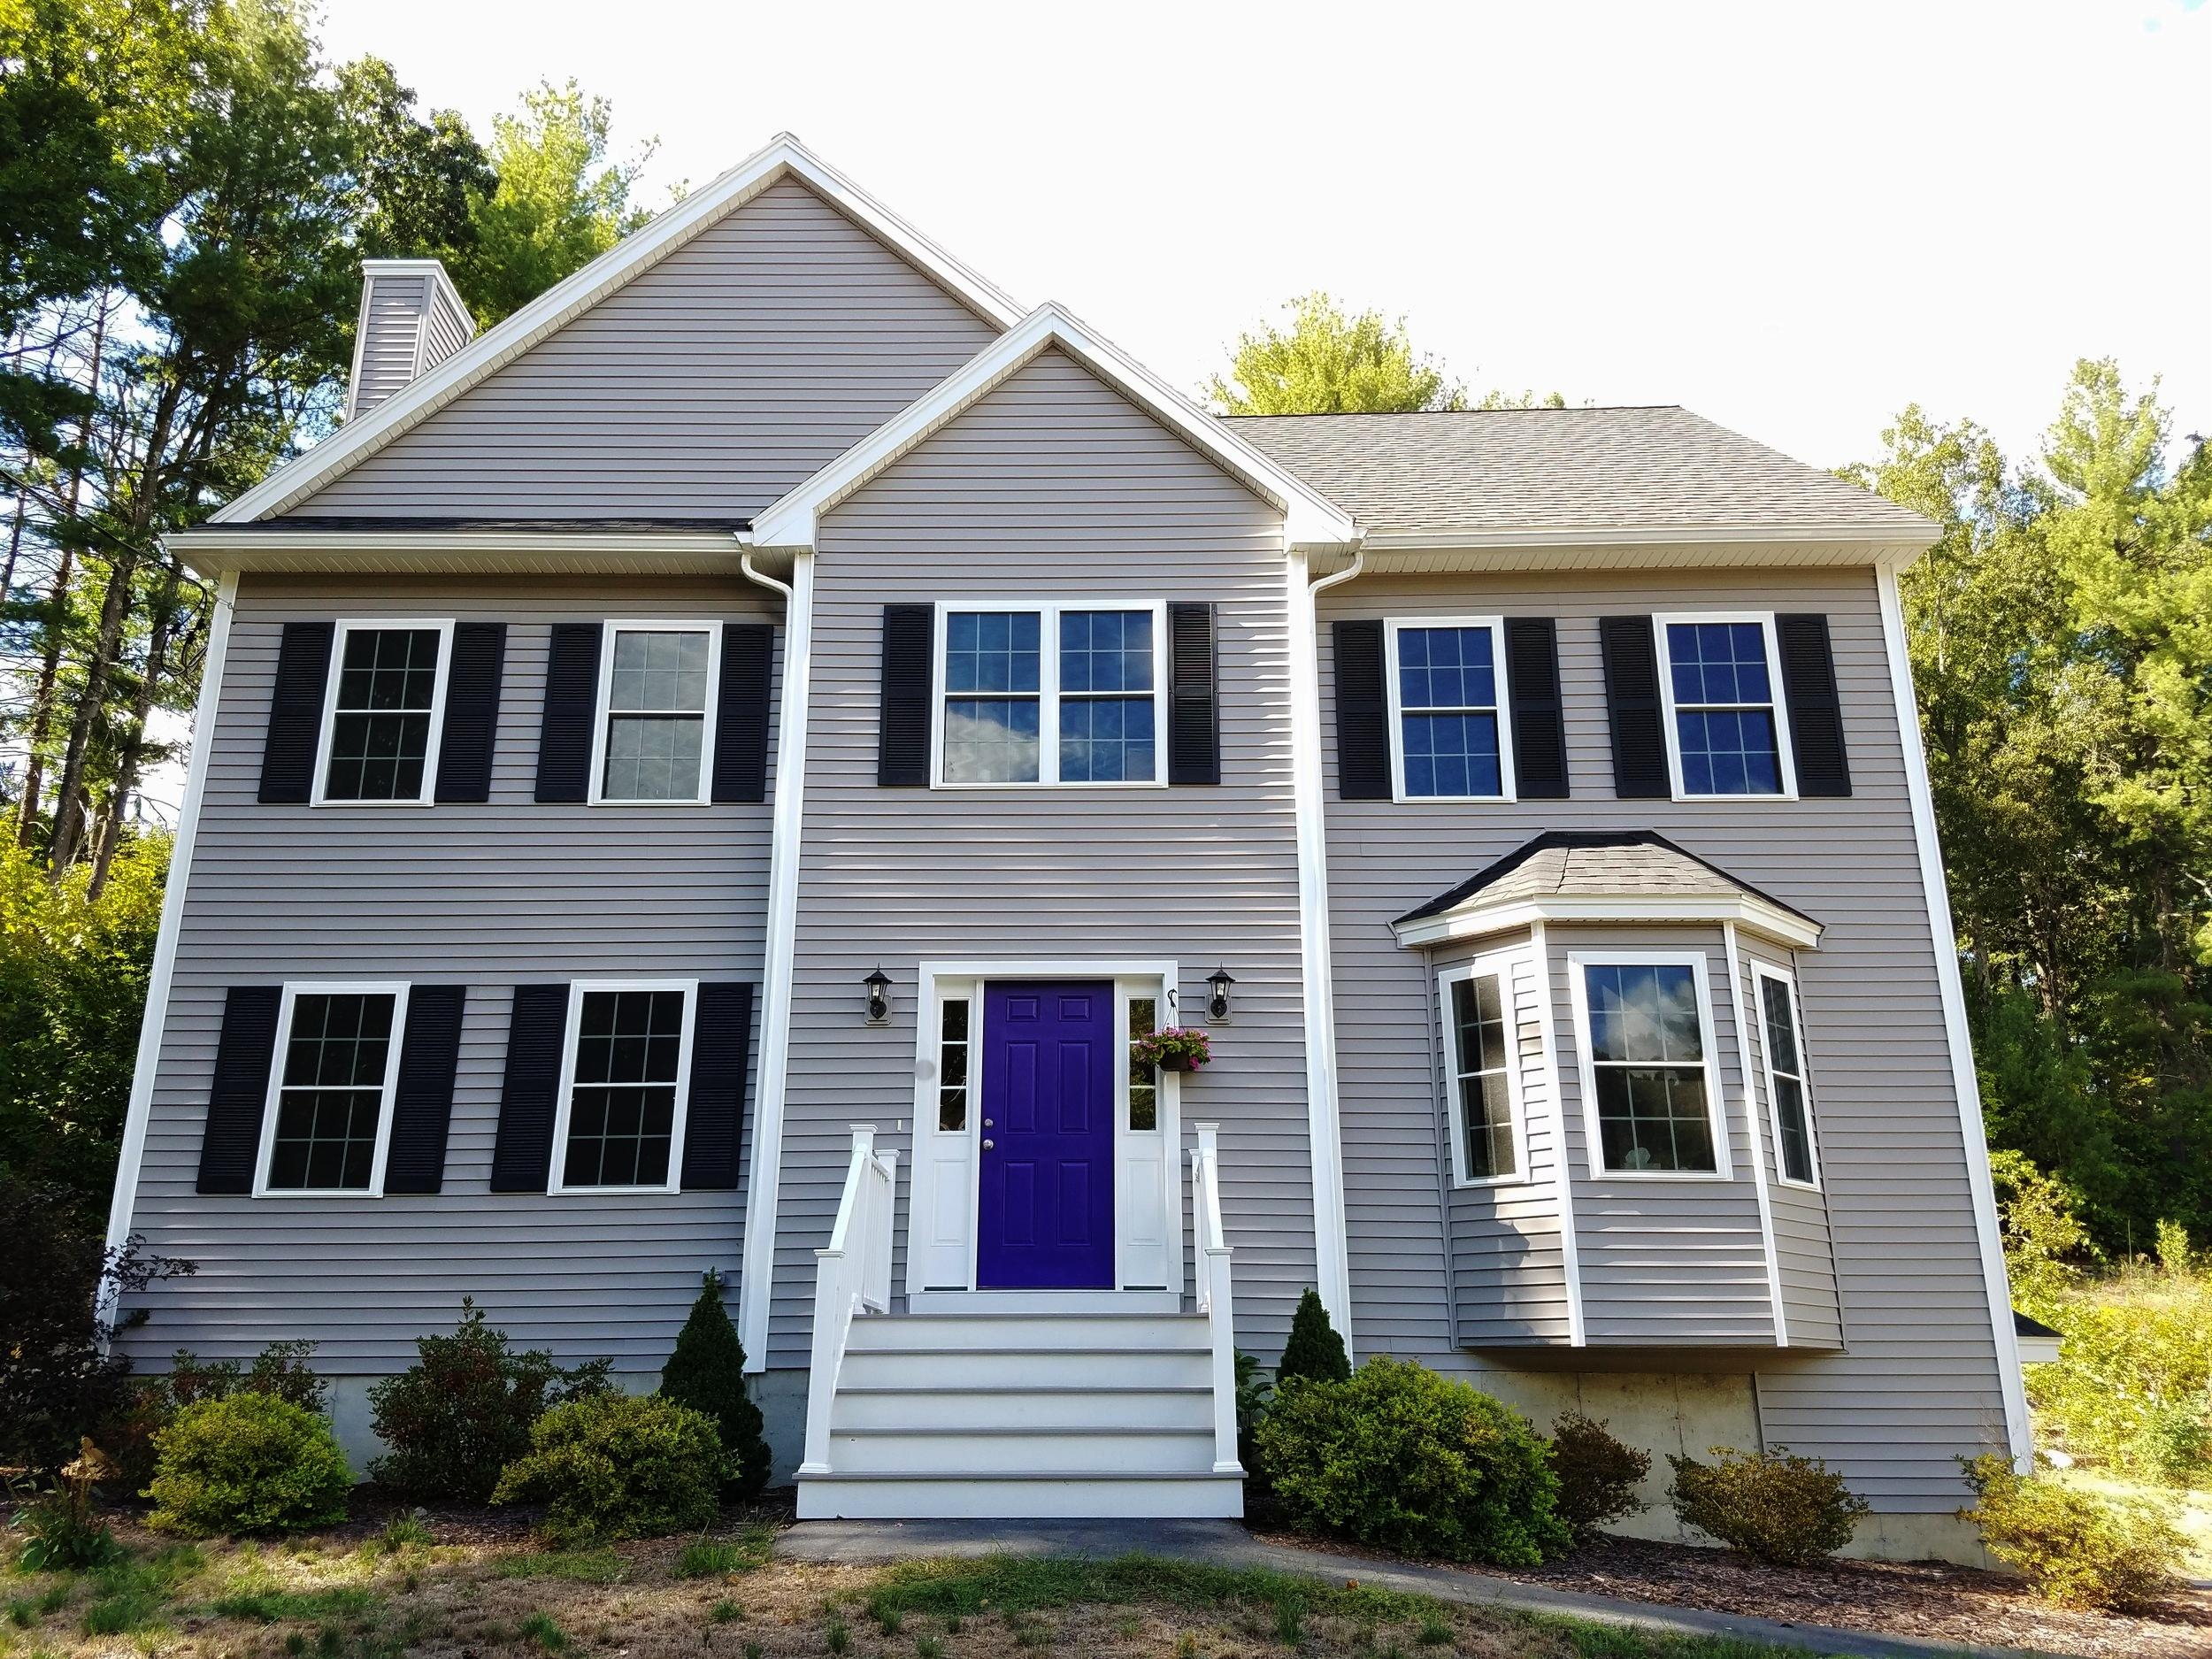 House with purple front door